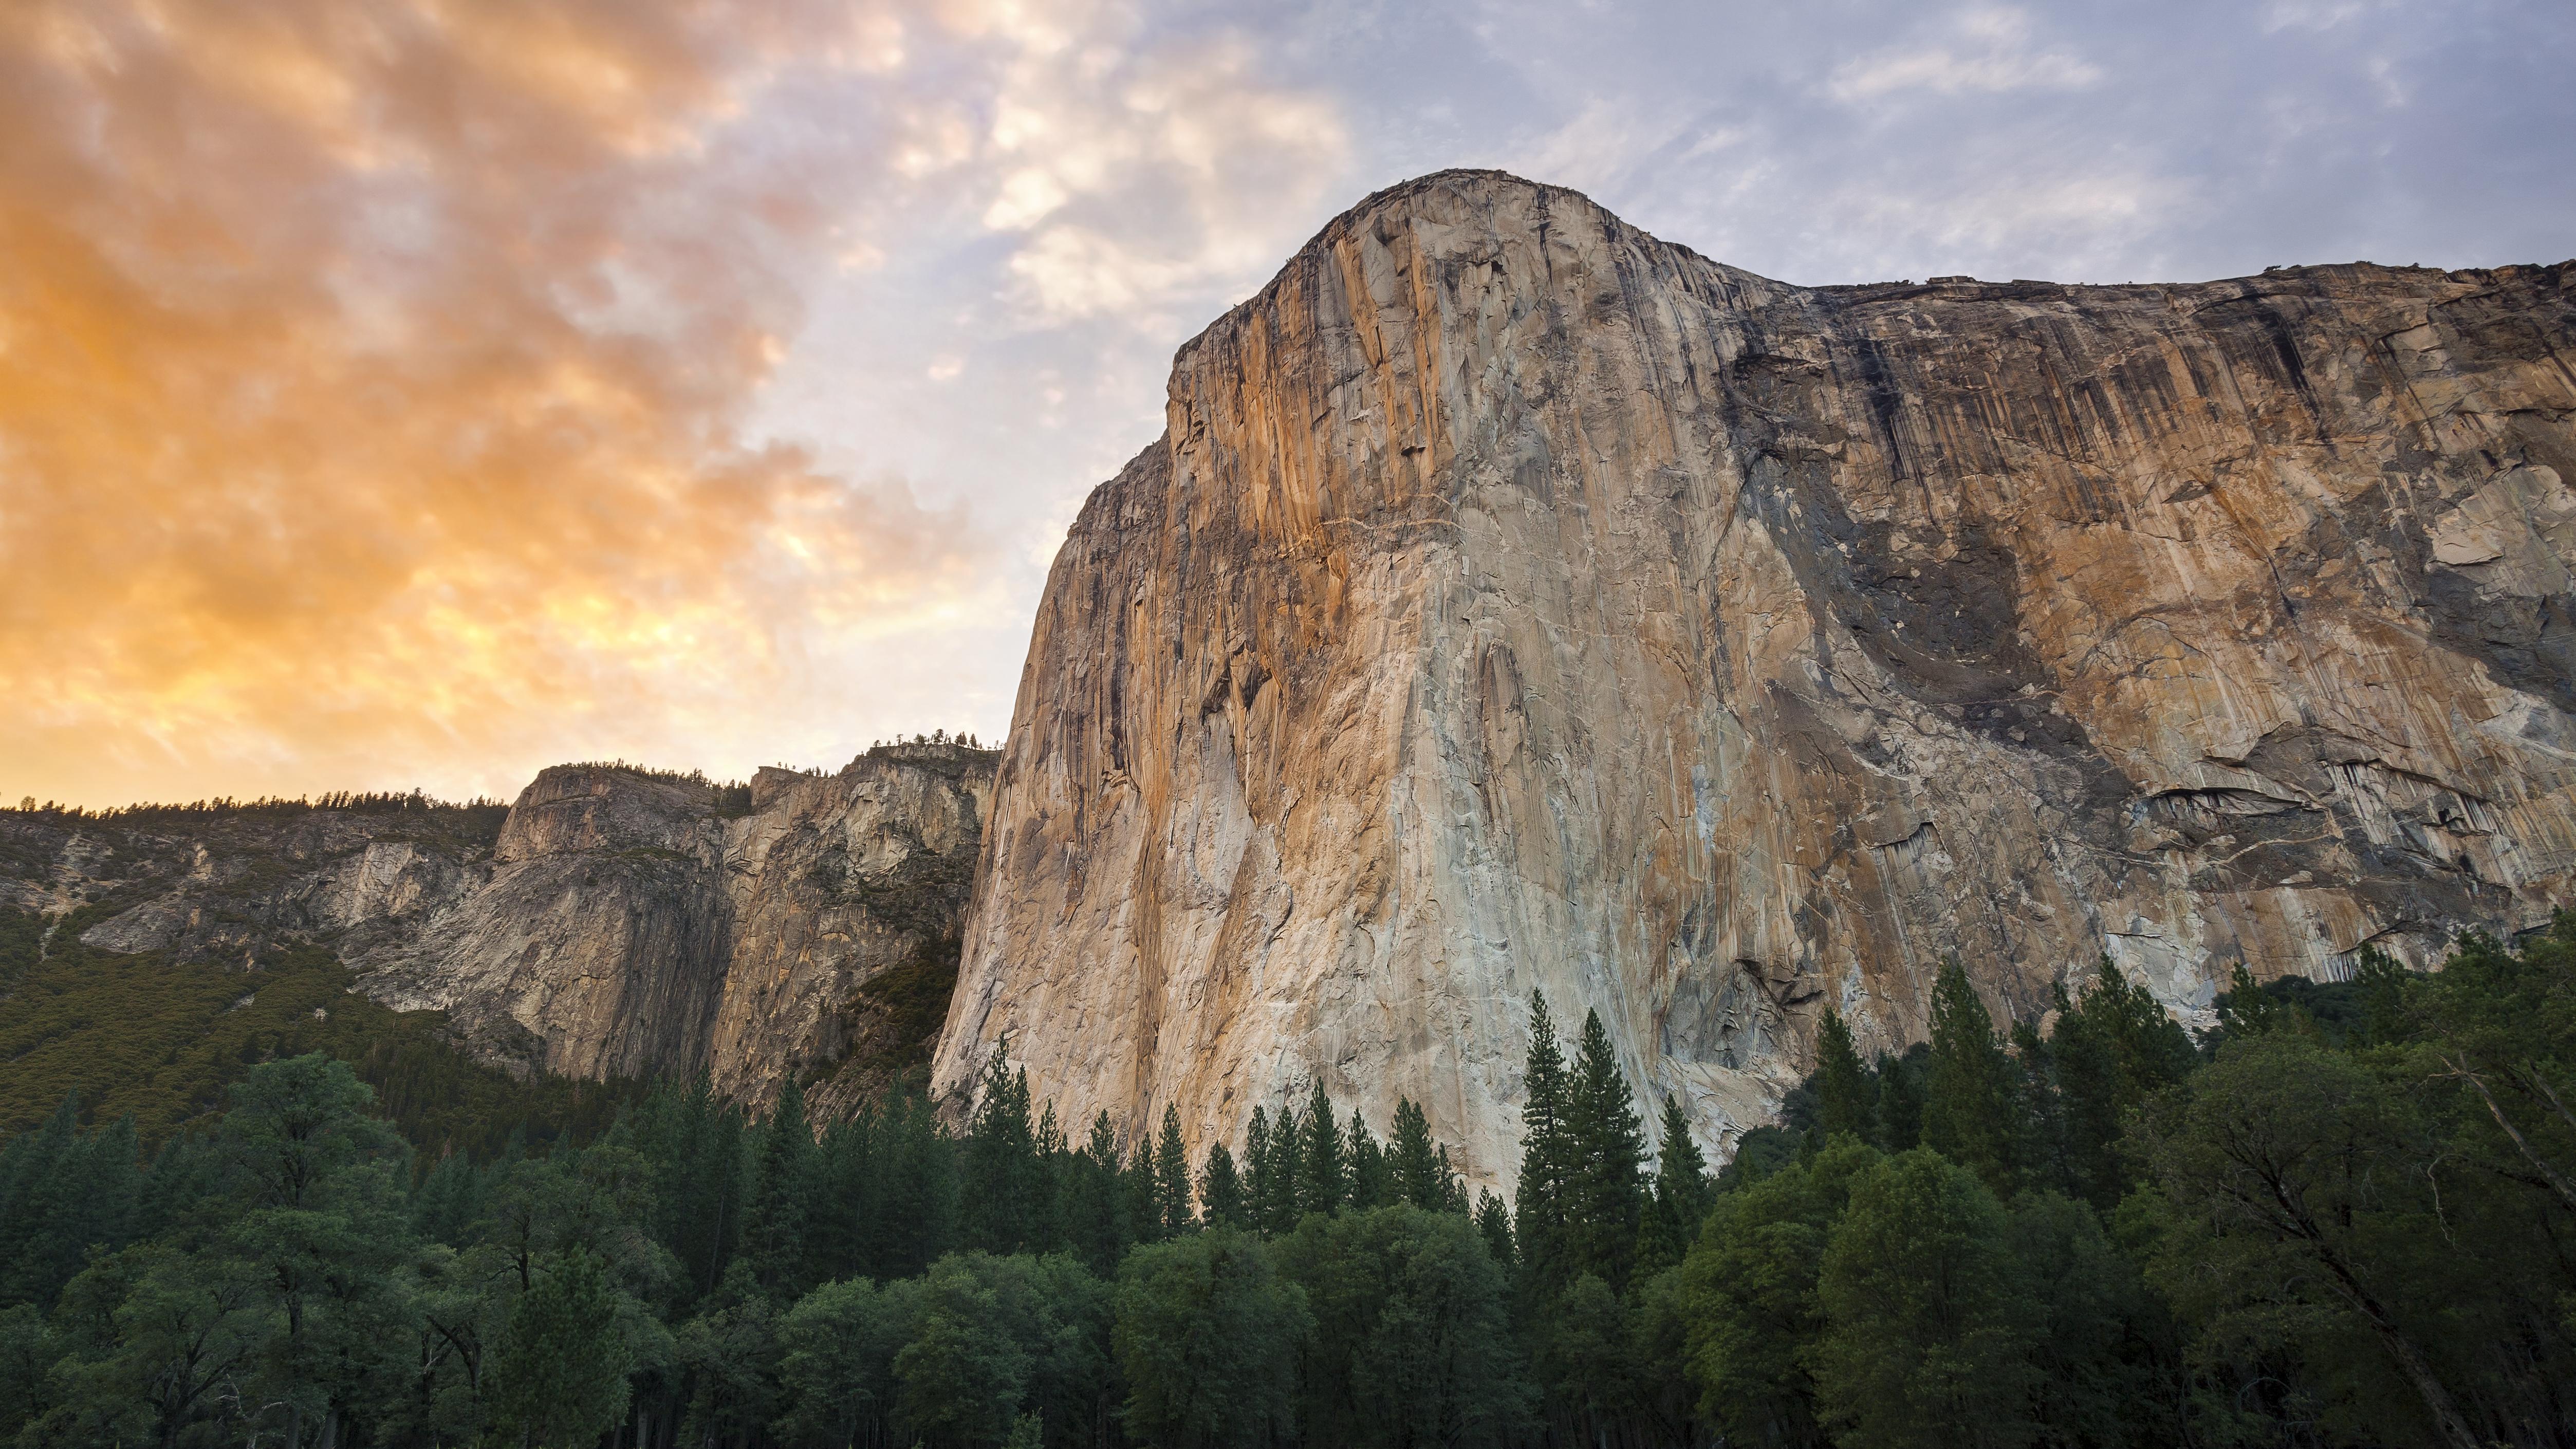 Nuovi sfondi su OS X Yosemite ora disponibili al download   macitynet 5013x2820